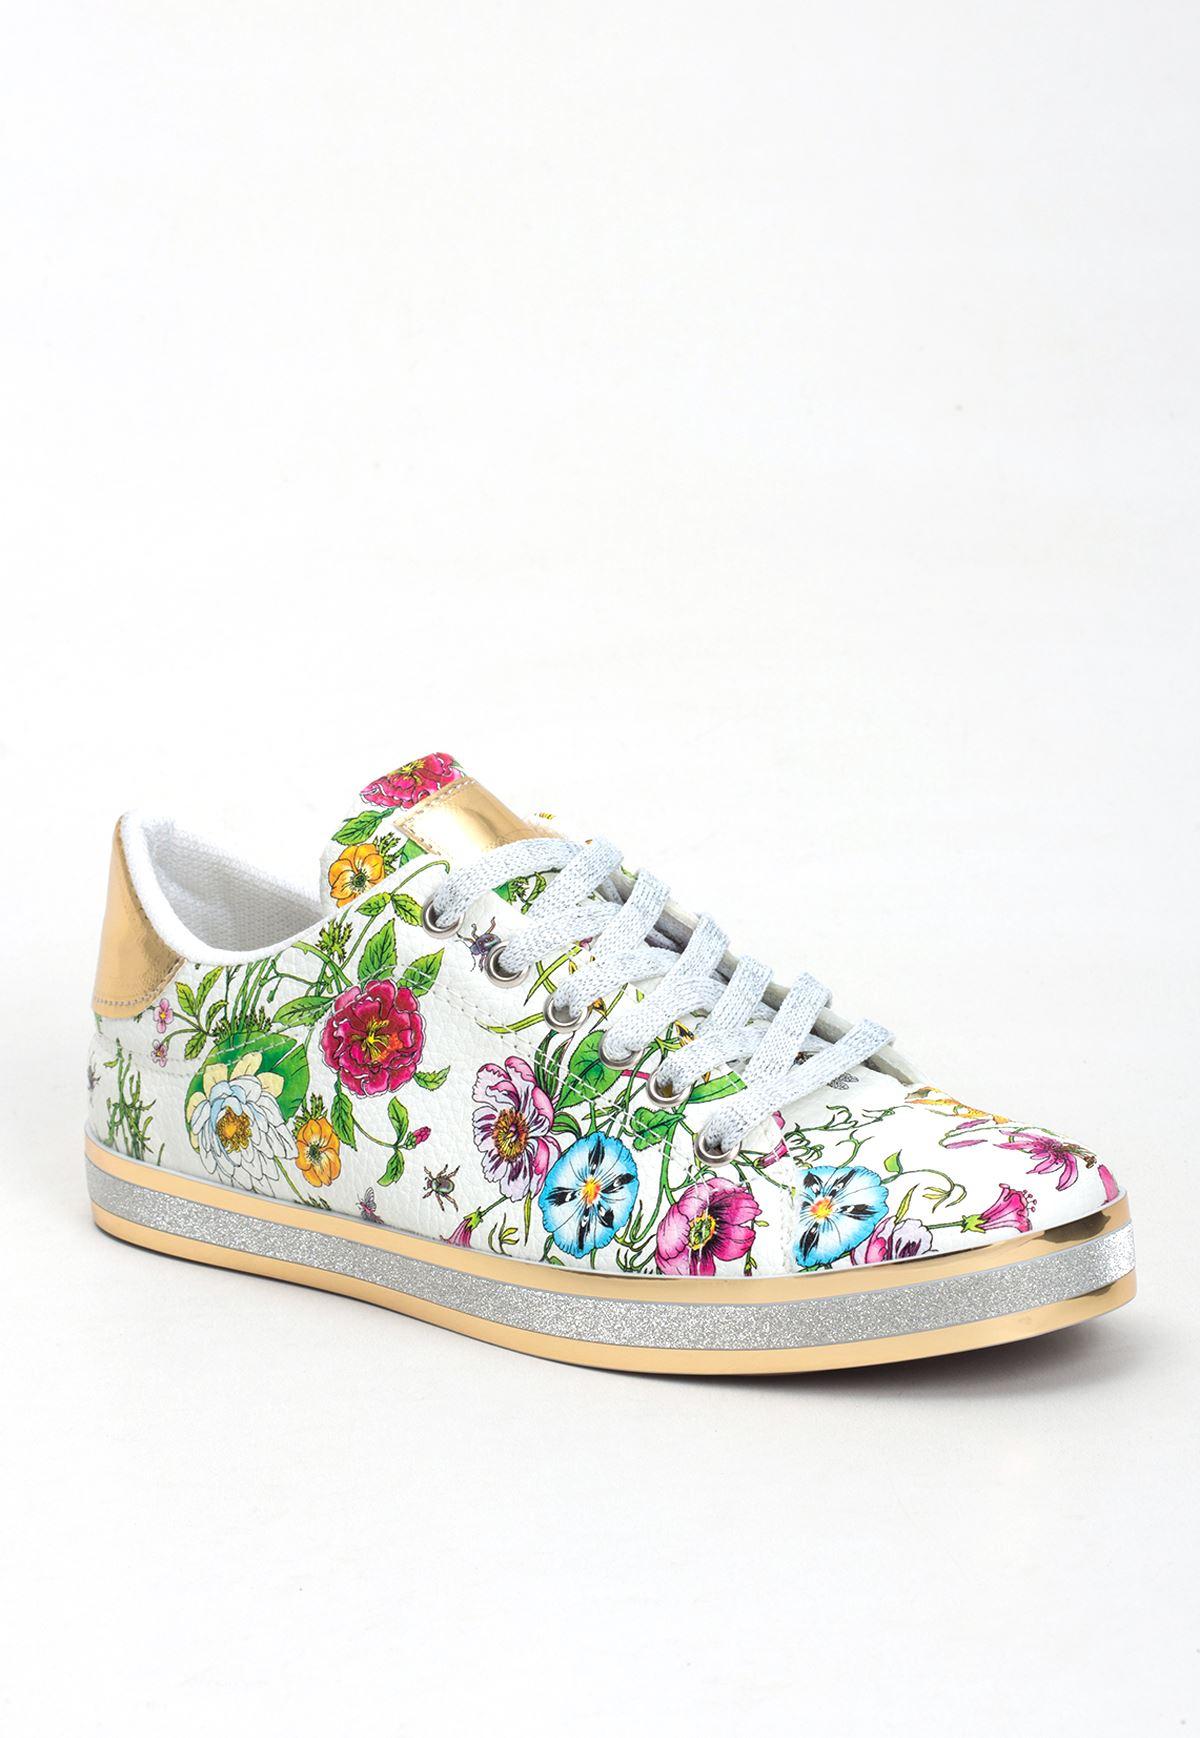 Rec Beyaz Çiçek Desenli Bayan Spor Ayakkabı